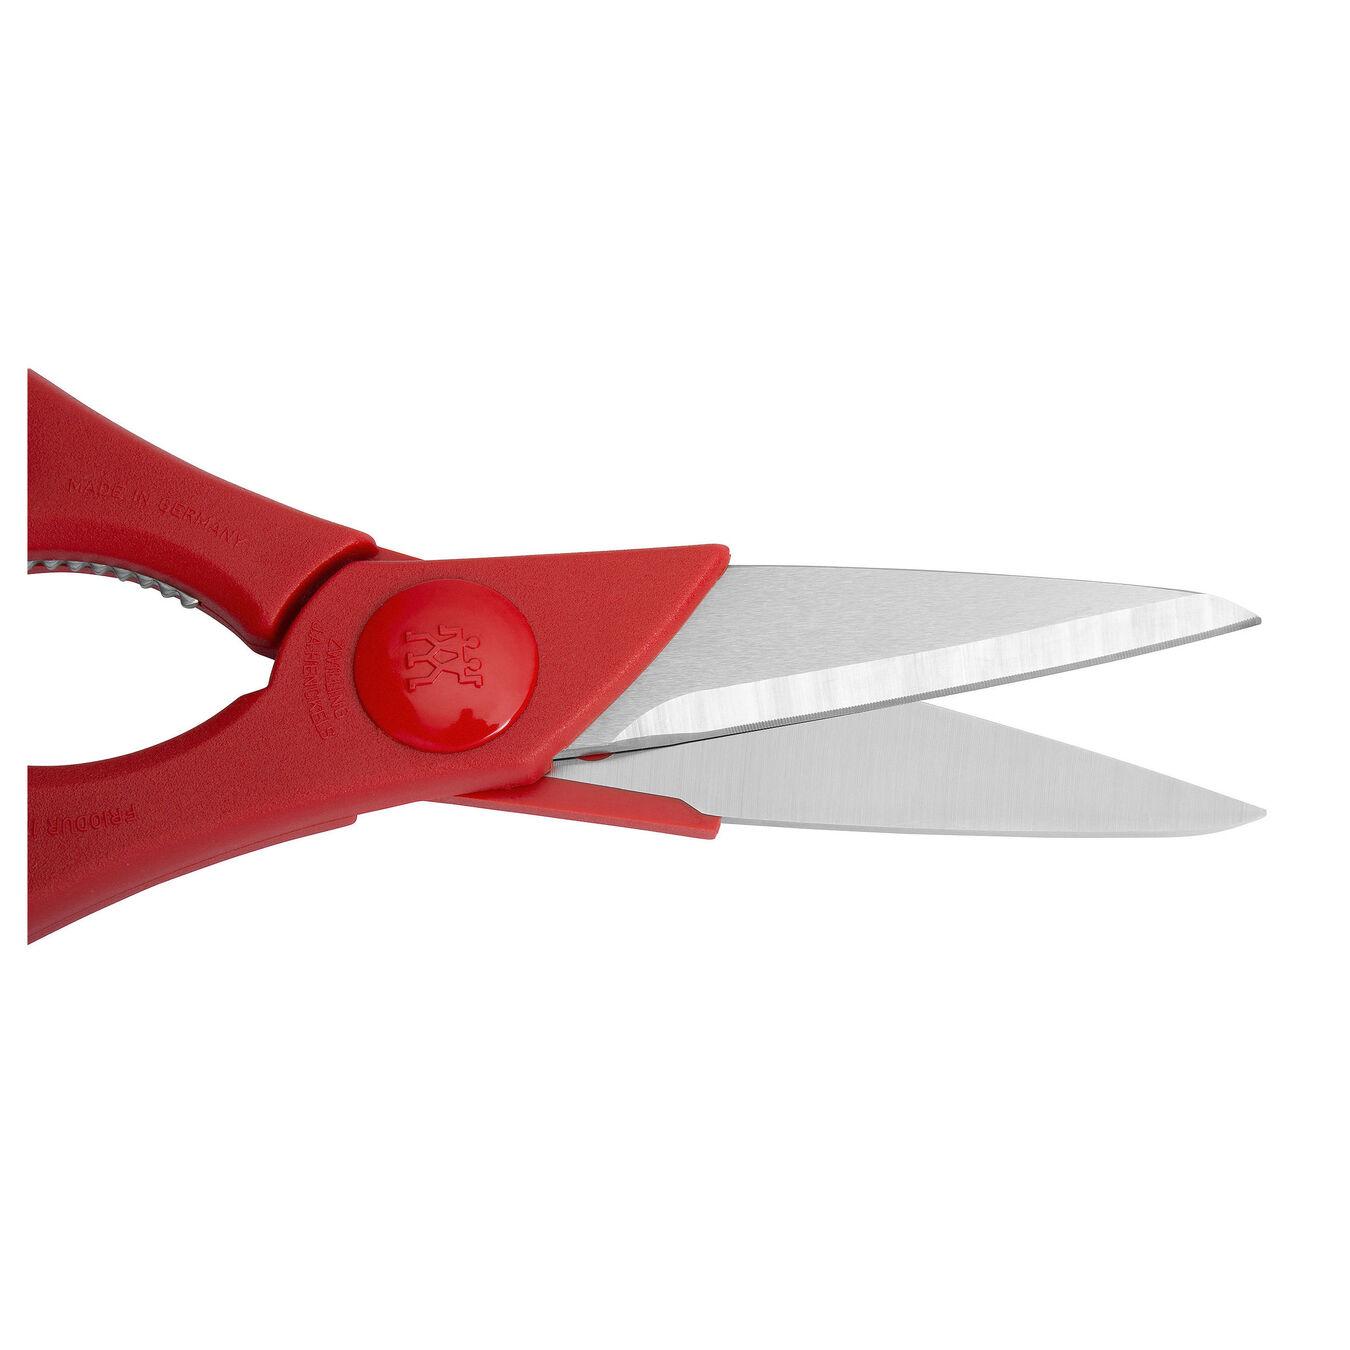 Ciseaux à usages multiples 20 cm, Acier inoxydable,,large 5